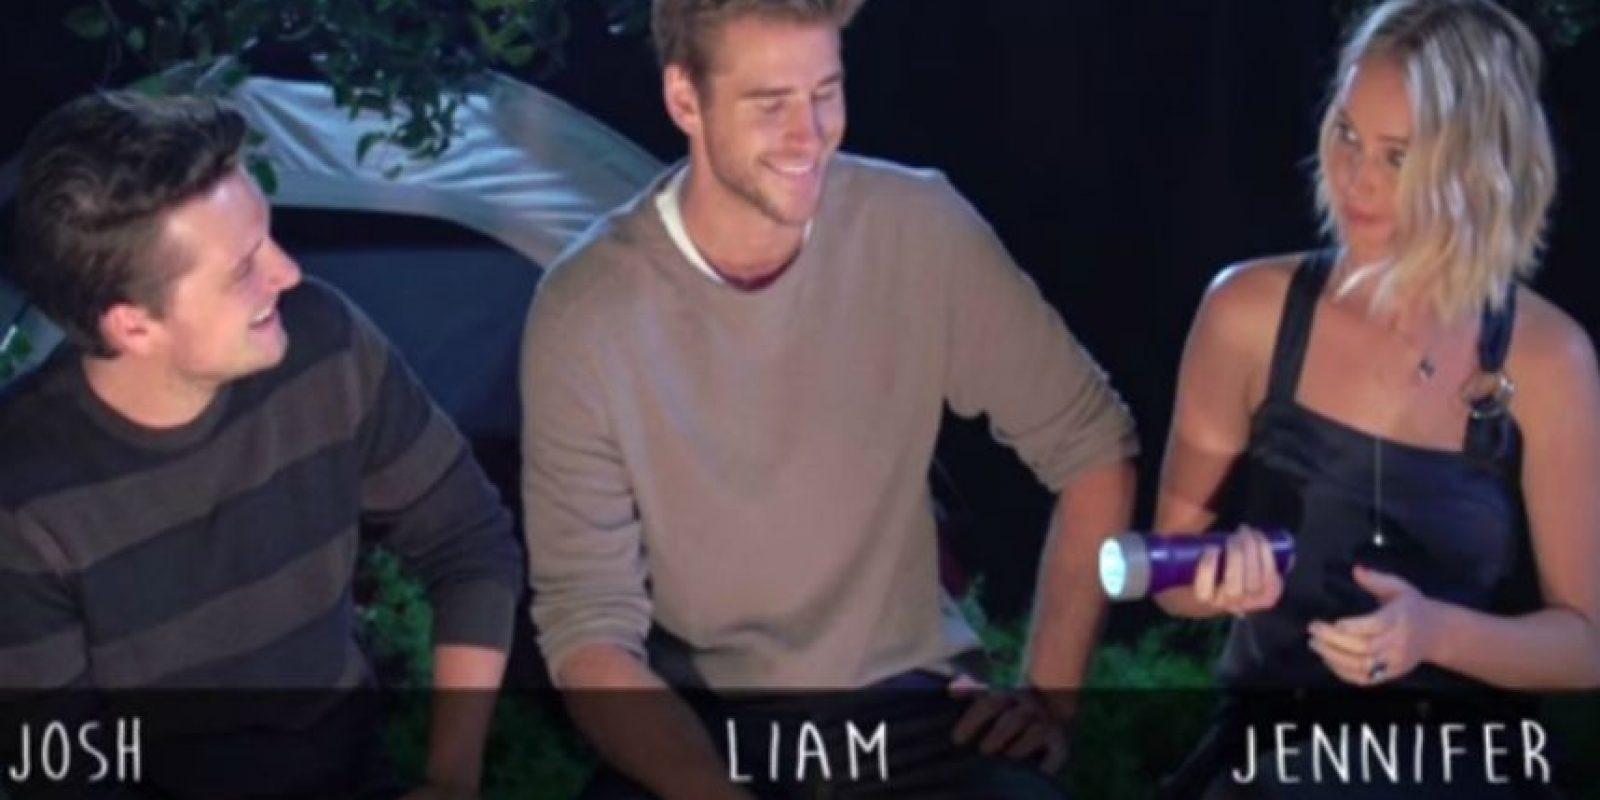 """Jennifer Lawrence, Liam Hemsworth y Josh Hutcherson se enfrentaron en un original reto para contar algunas historias de fantasmas y hasta jugar """"verdad o reto"""" Foto:""""MTV News"""""""